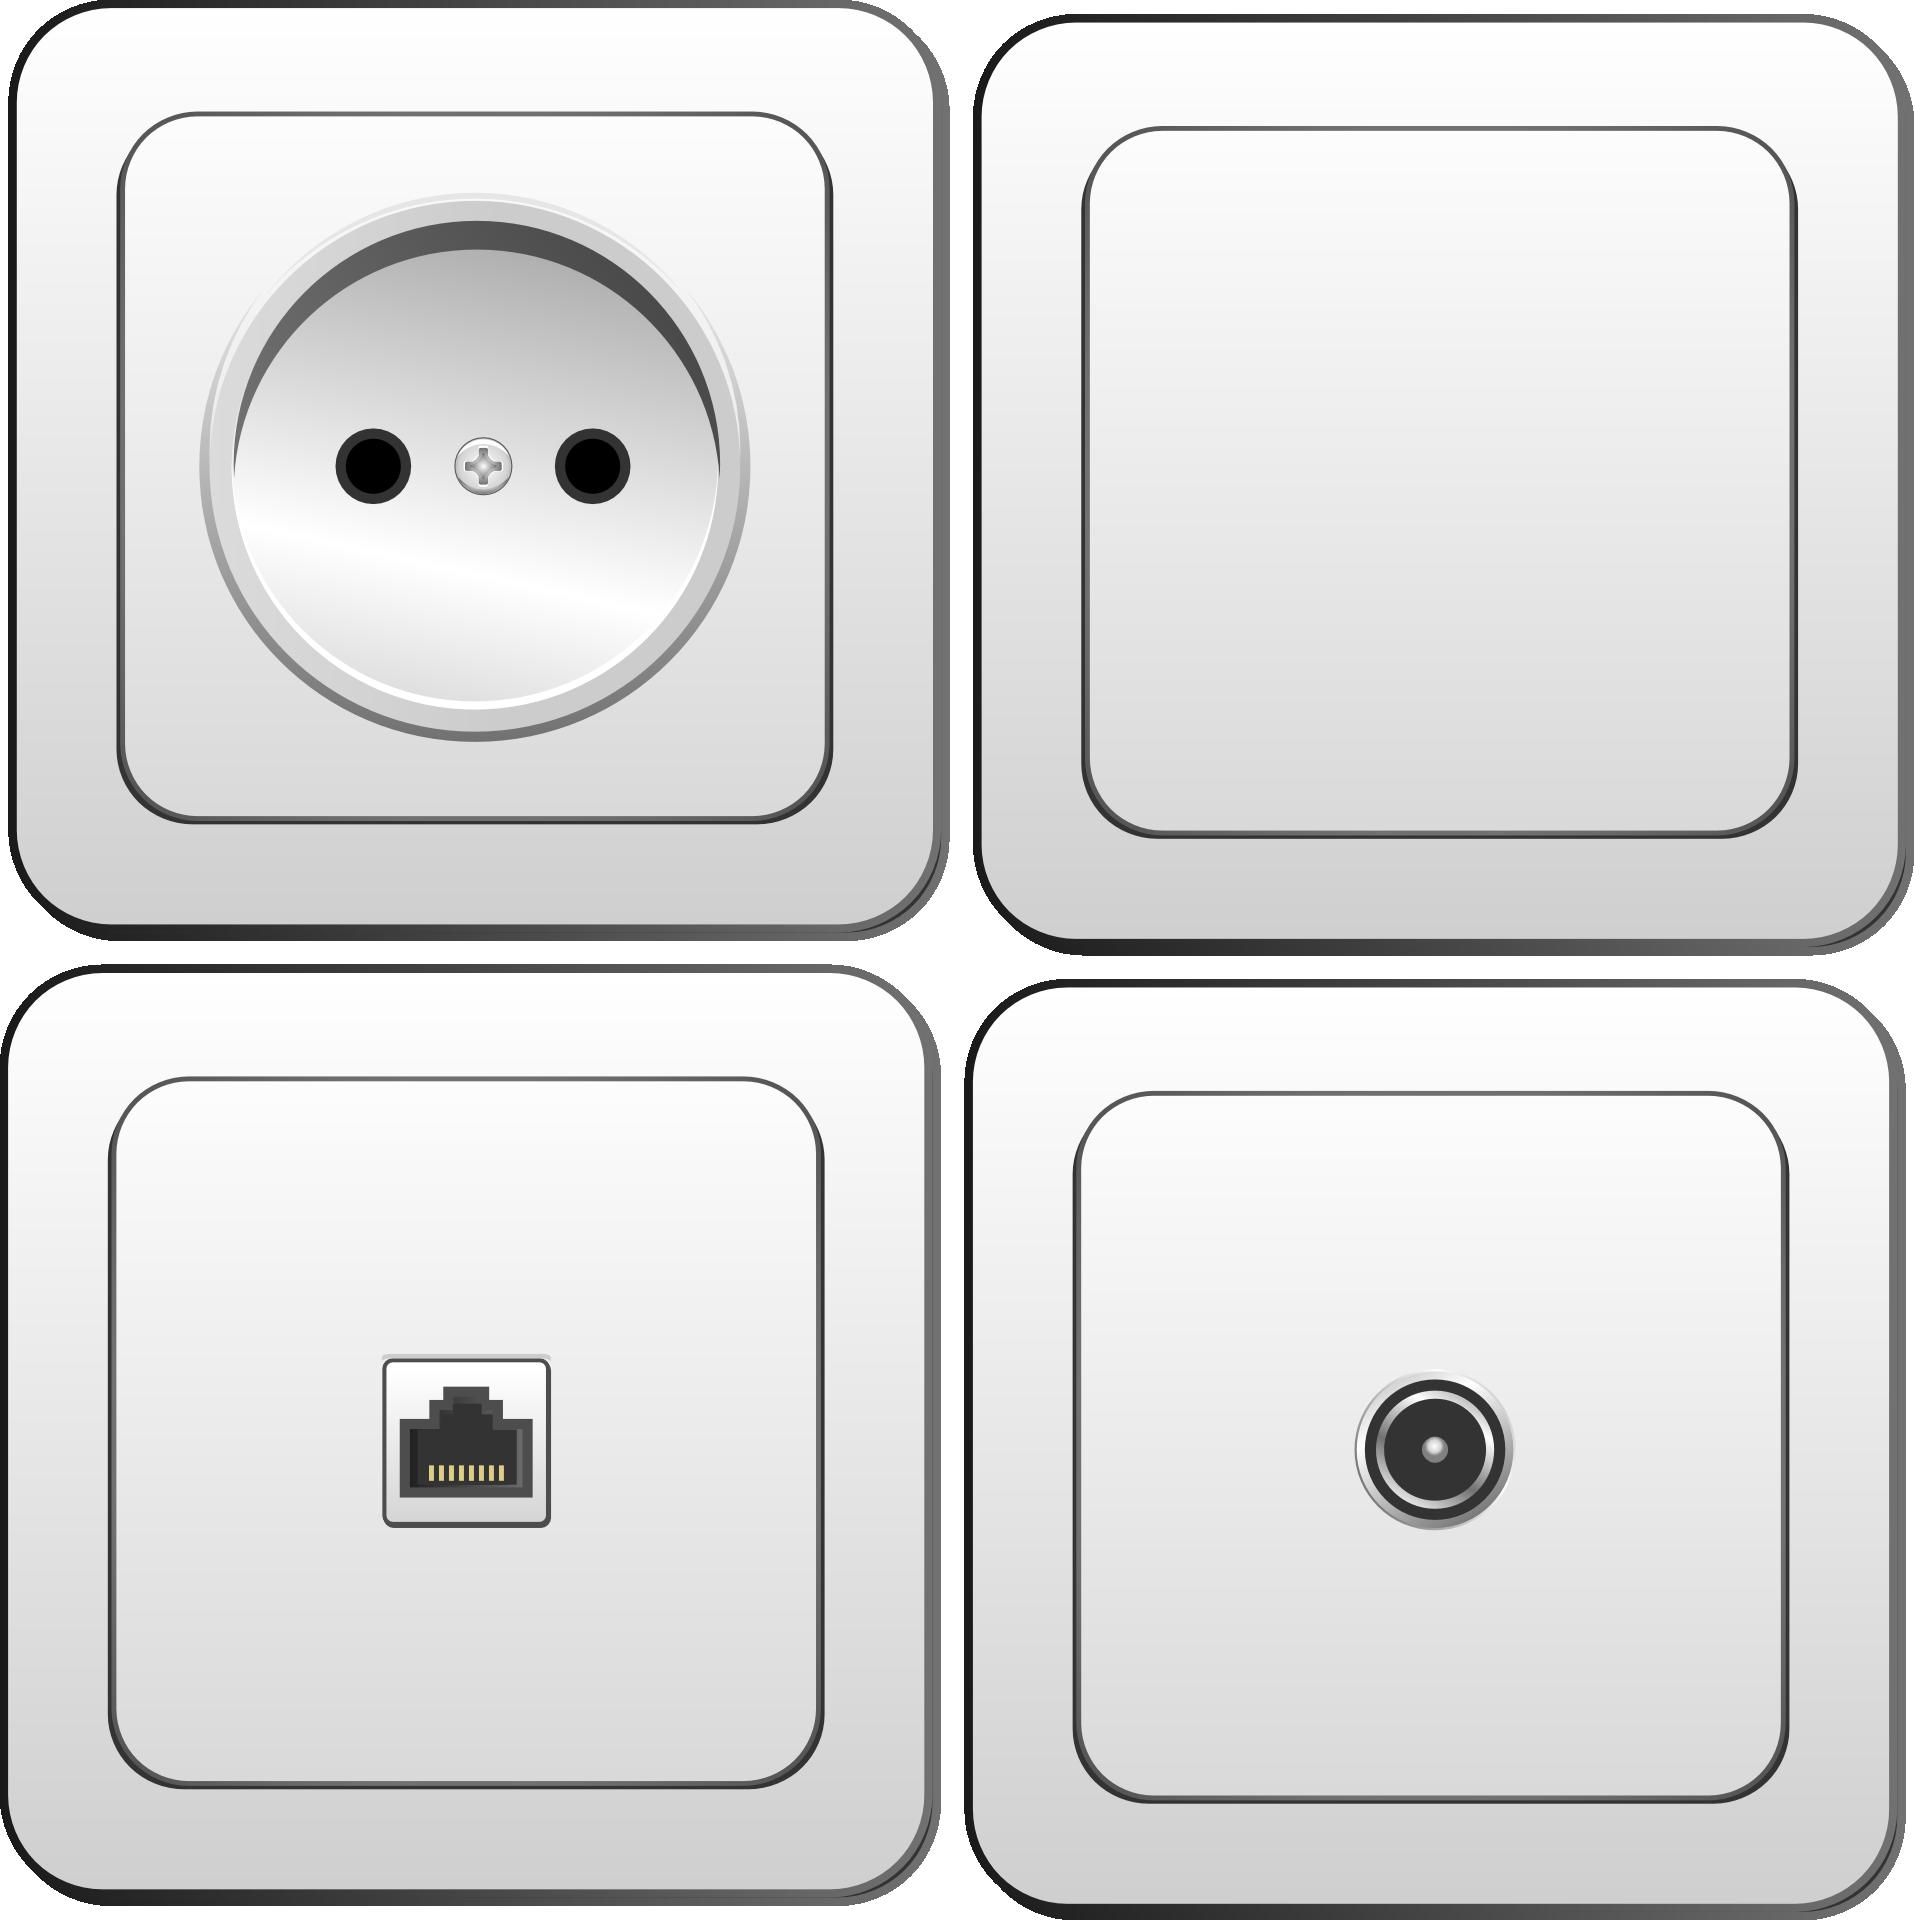 Умный дом: системы автоматизации жилых помещений и зданий - 3